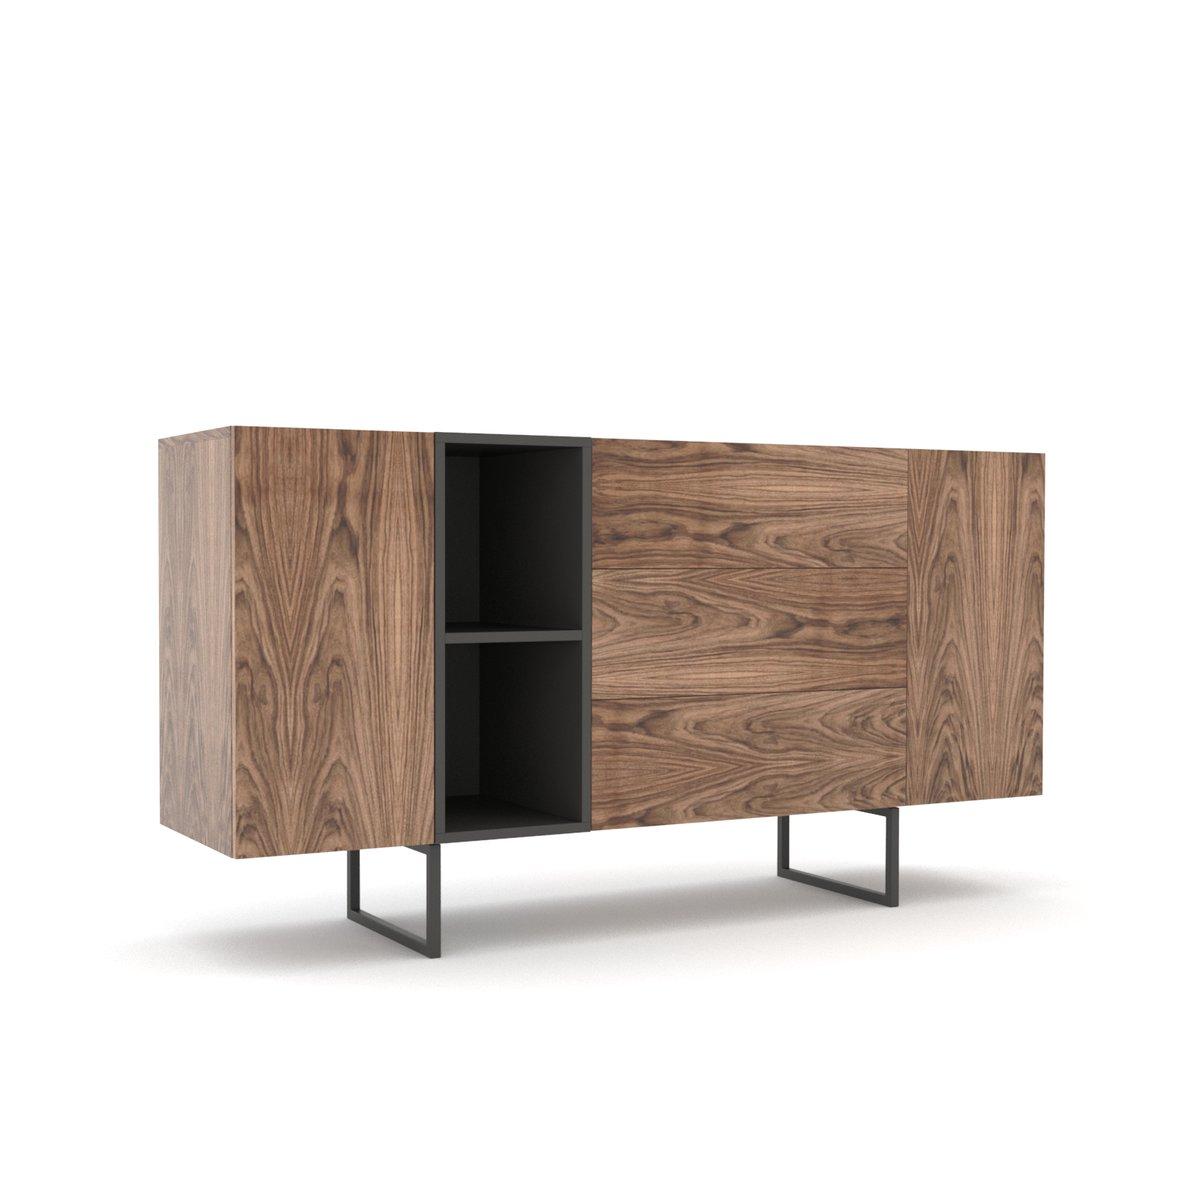 Verzauberkunst Holz Lowboard Ideen Von Kommode Sideboard Anrichte Wohnzimmer Schrank Abato-17, 859,90